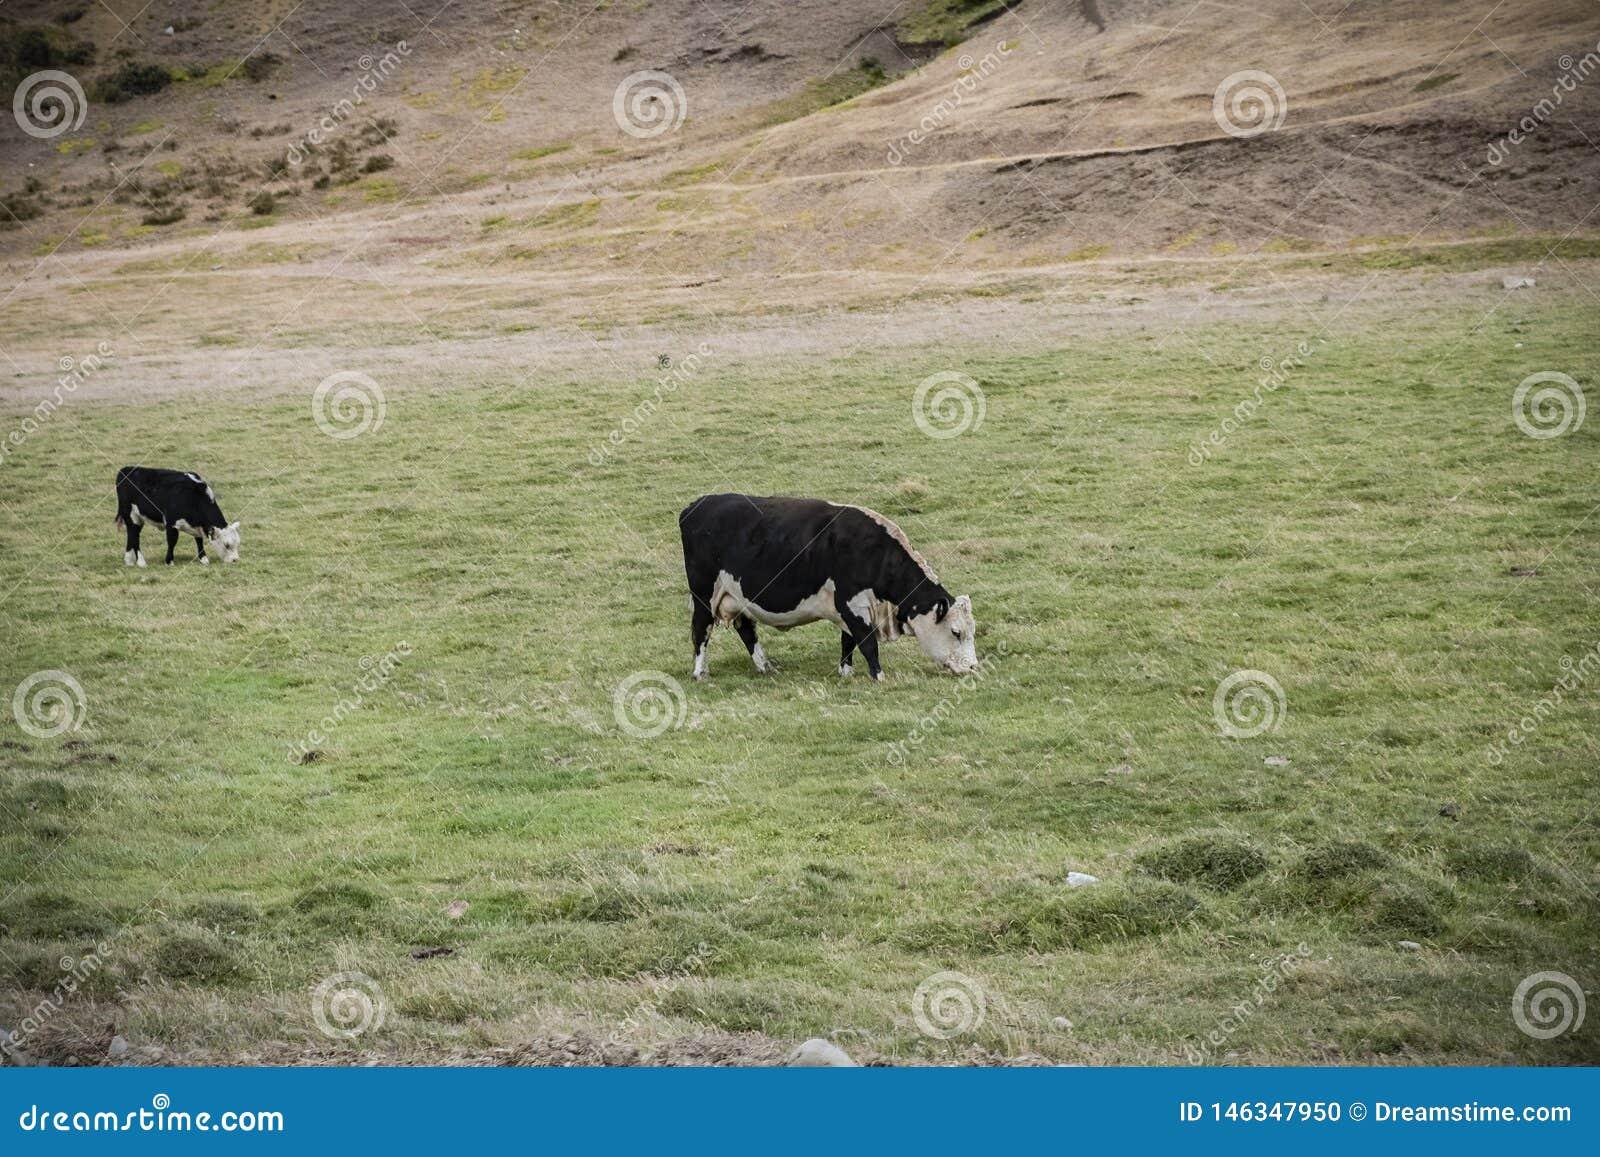 Βοσκή αγελάδων σε ένα αγρόκτημα στην επαρχία